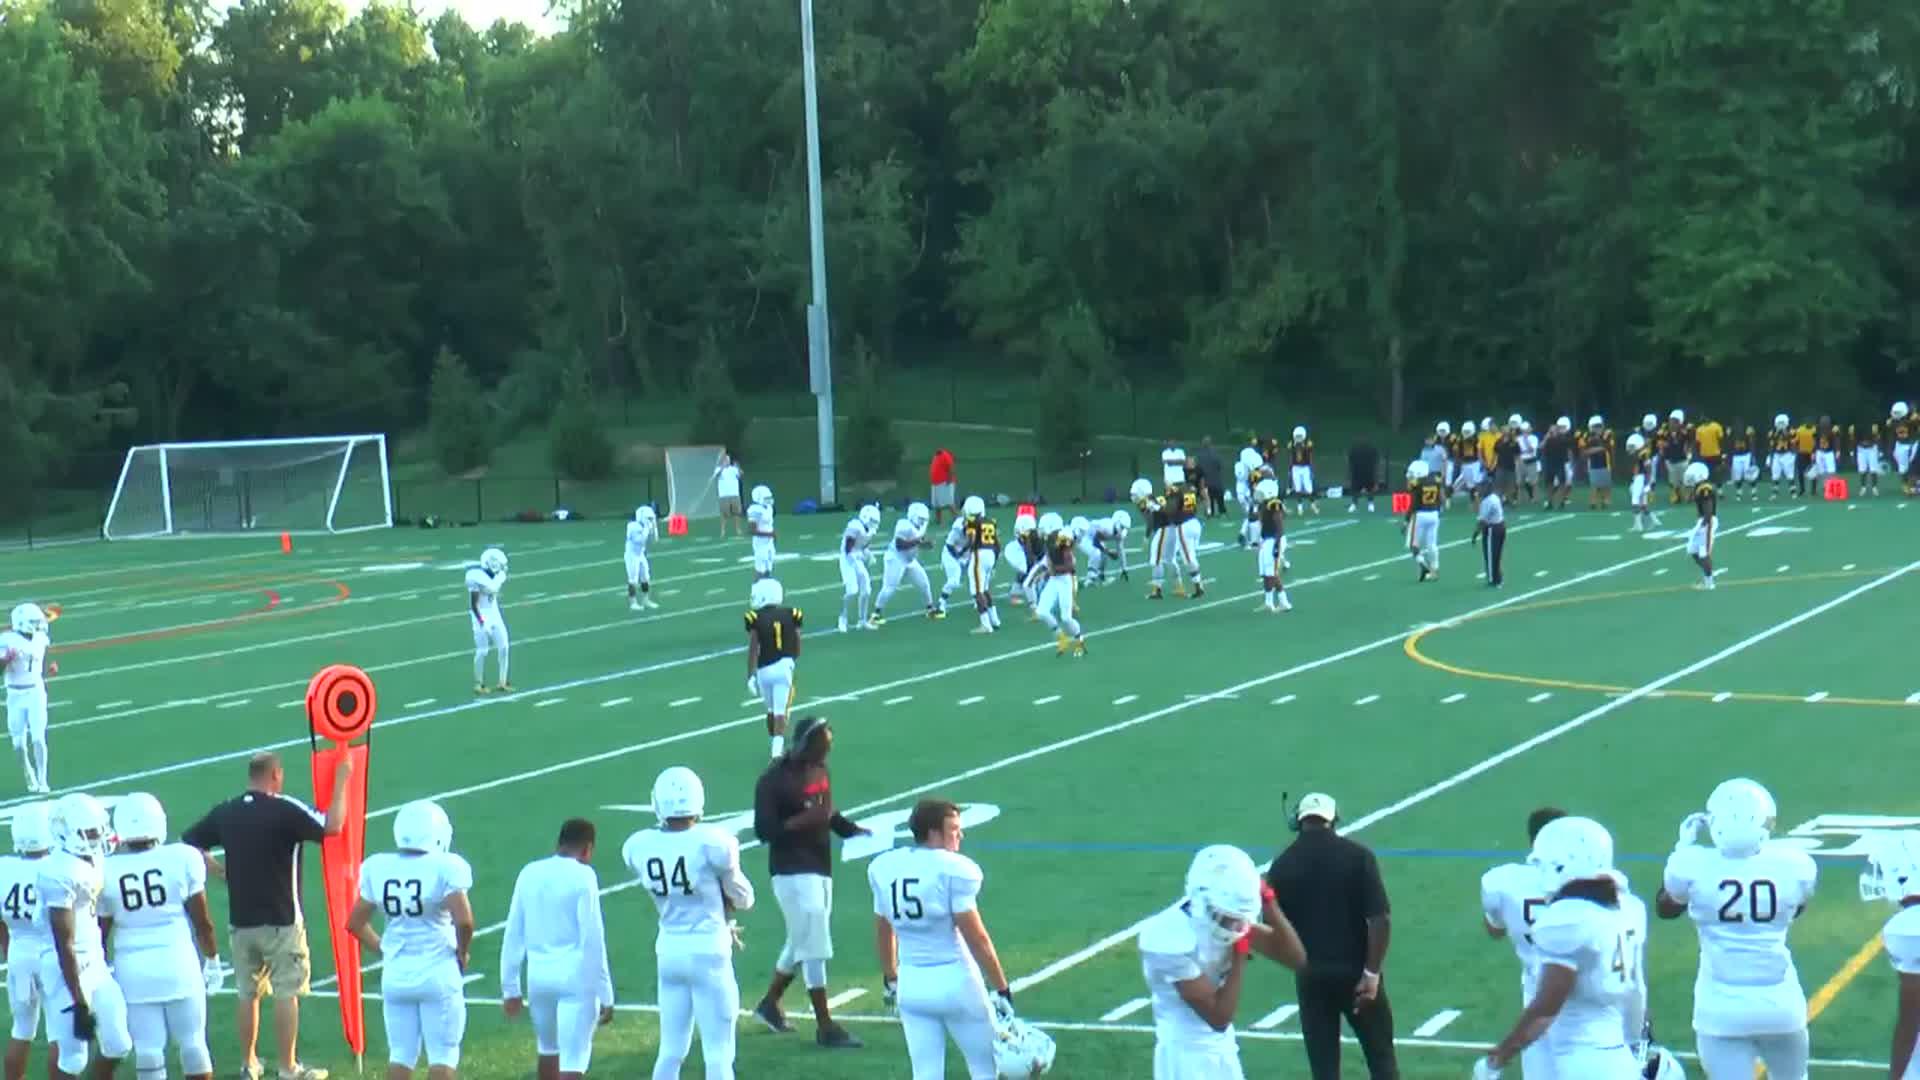 2017 Linebacker/ Team Captain - Sam Thomas highlights - Hudl